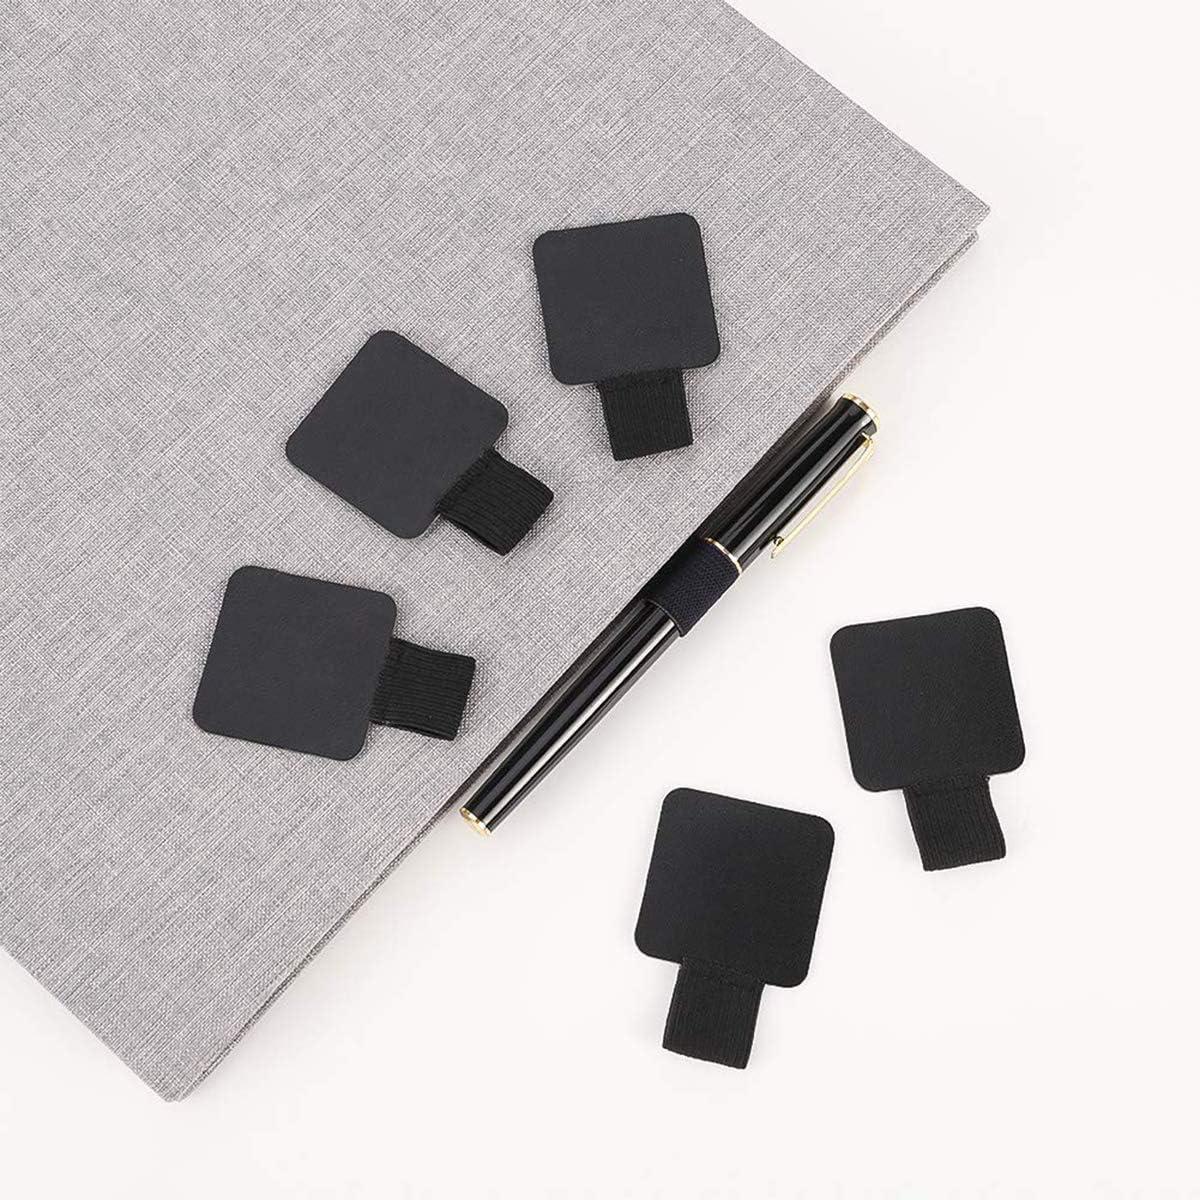 Elastischer Stifthalter Kalender 6 St/ück selbstklebende Leder-Bleistift-Ringe f/ür Notizbuch schwarz Tagebuch